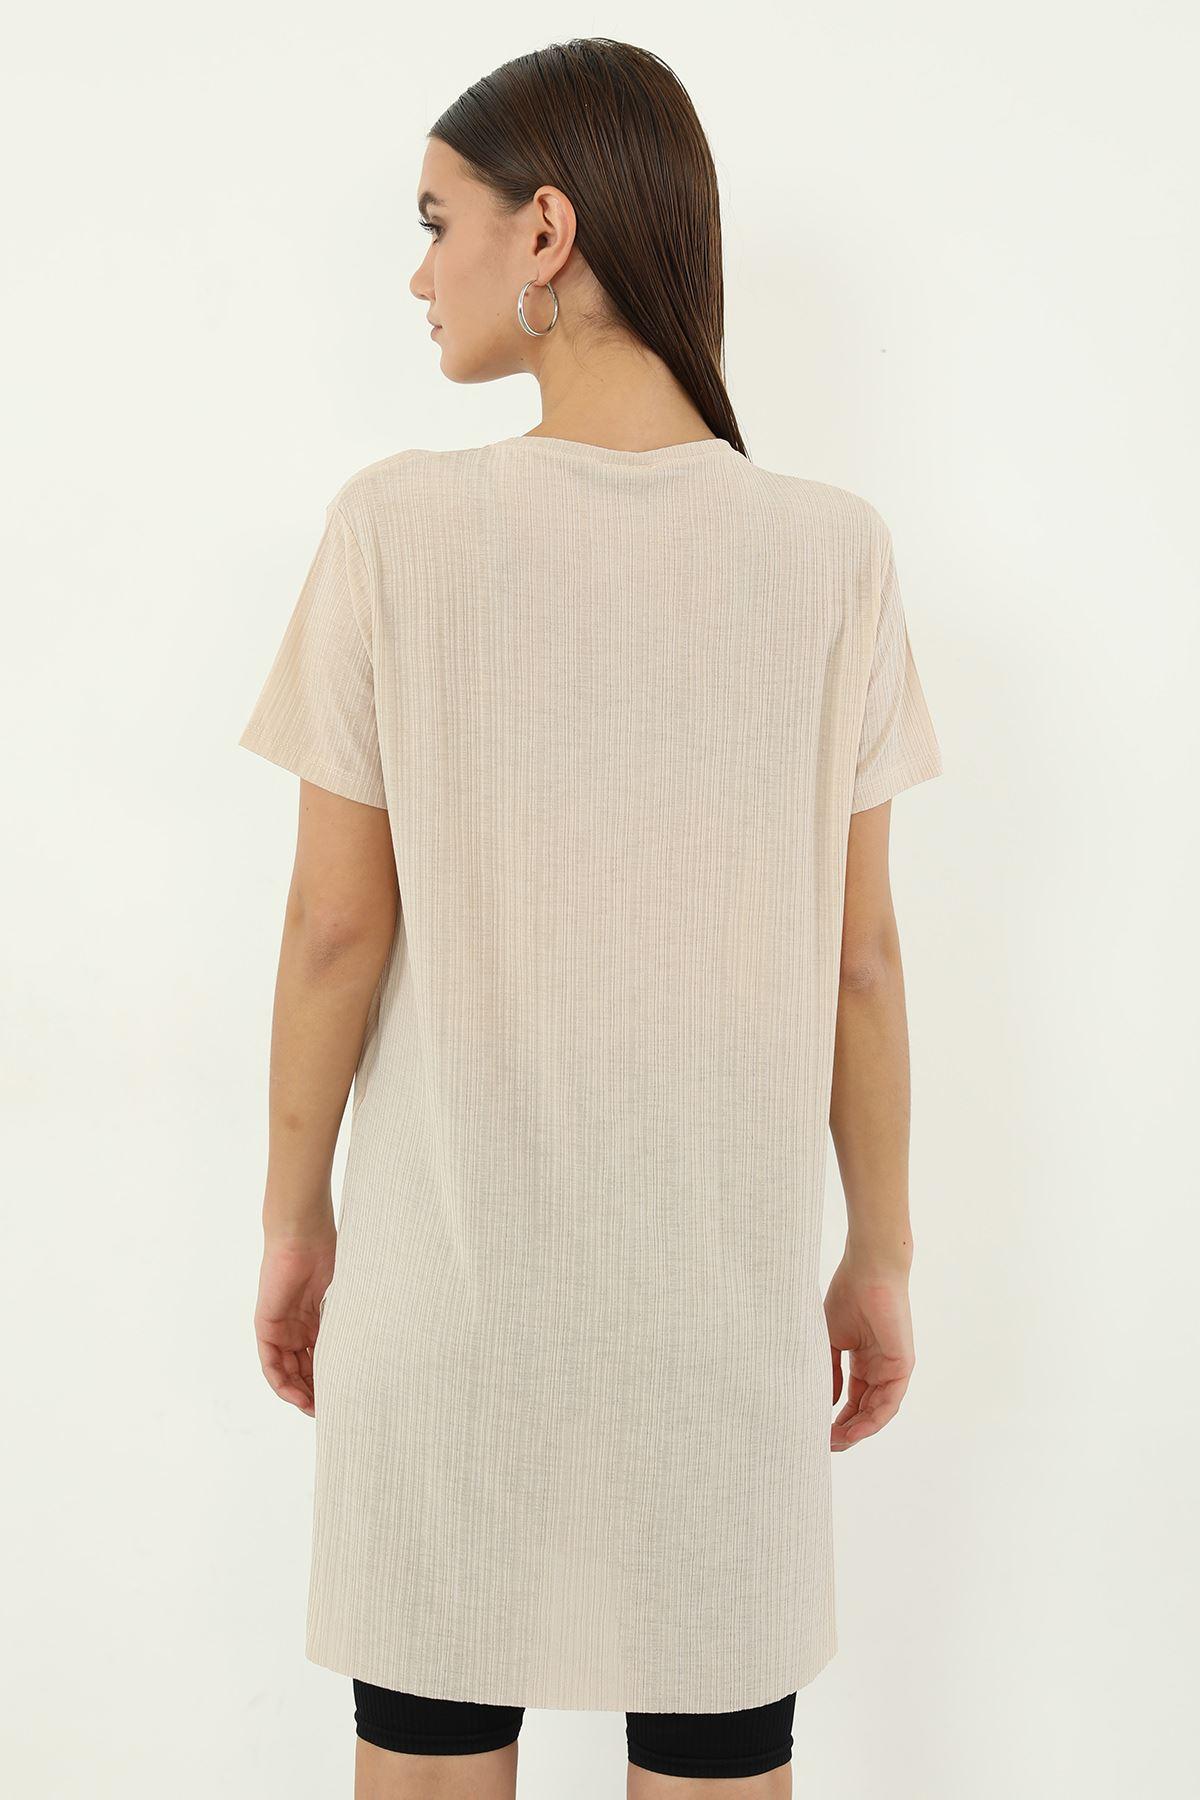 Alwarys Be Kind Baskılı T-shirt-Bej